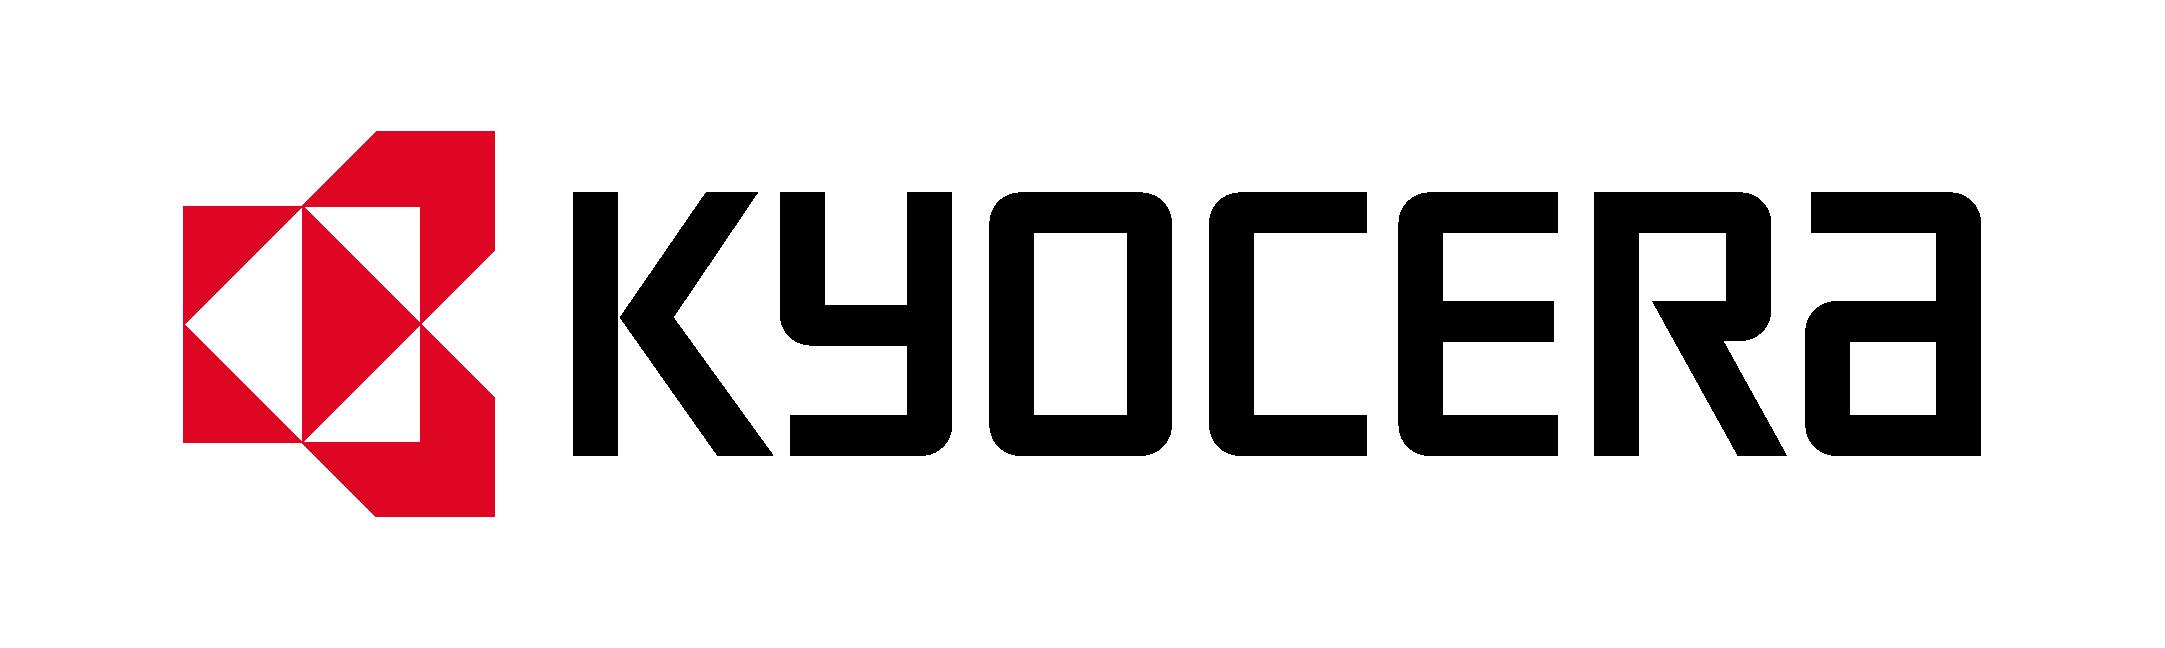 京セラ株式会社